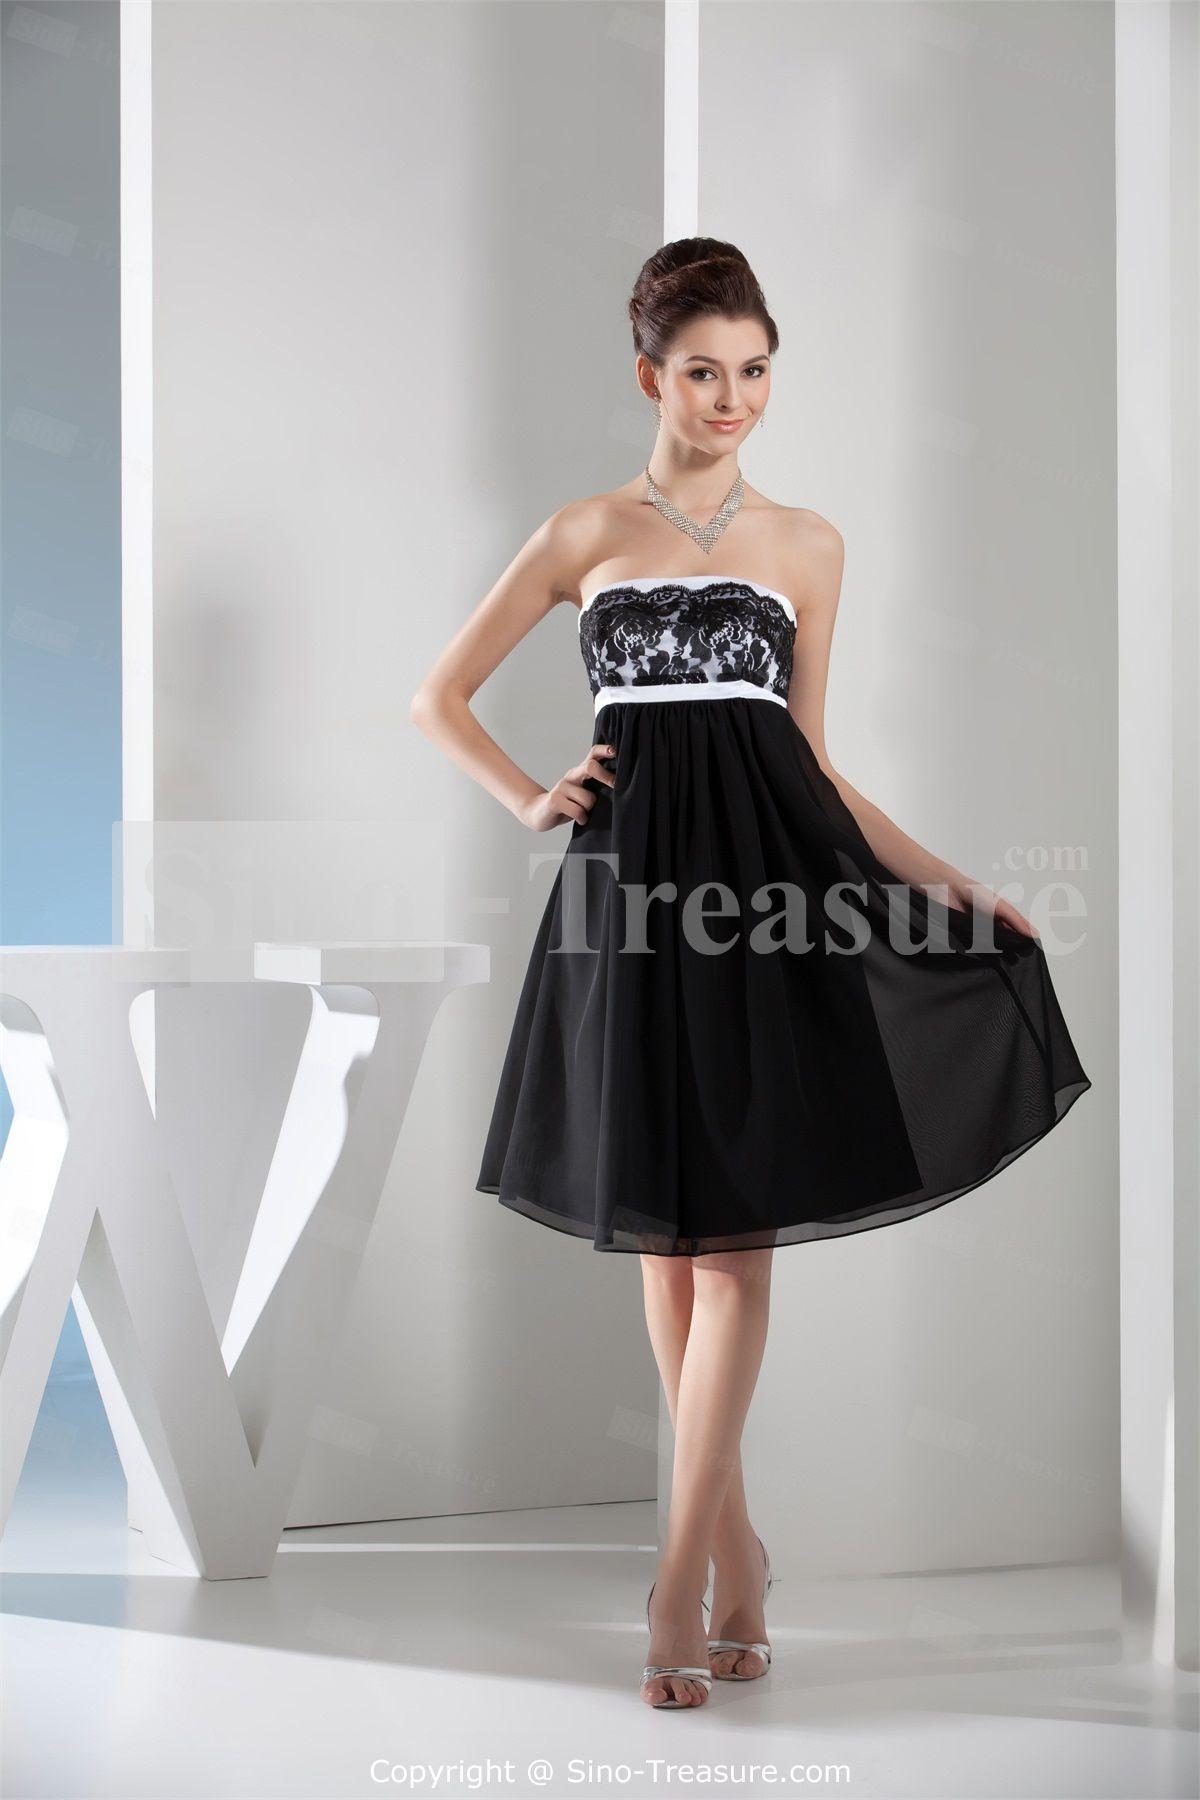 Knee Length Black Bridesmaid Dresses - Ocodea.com